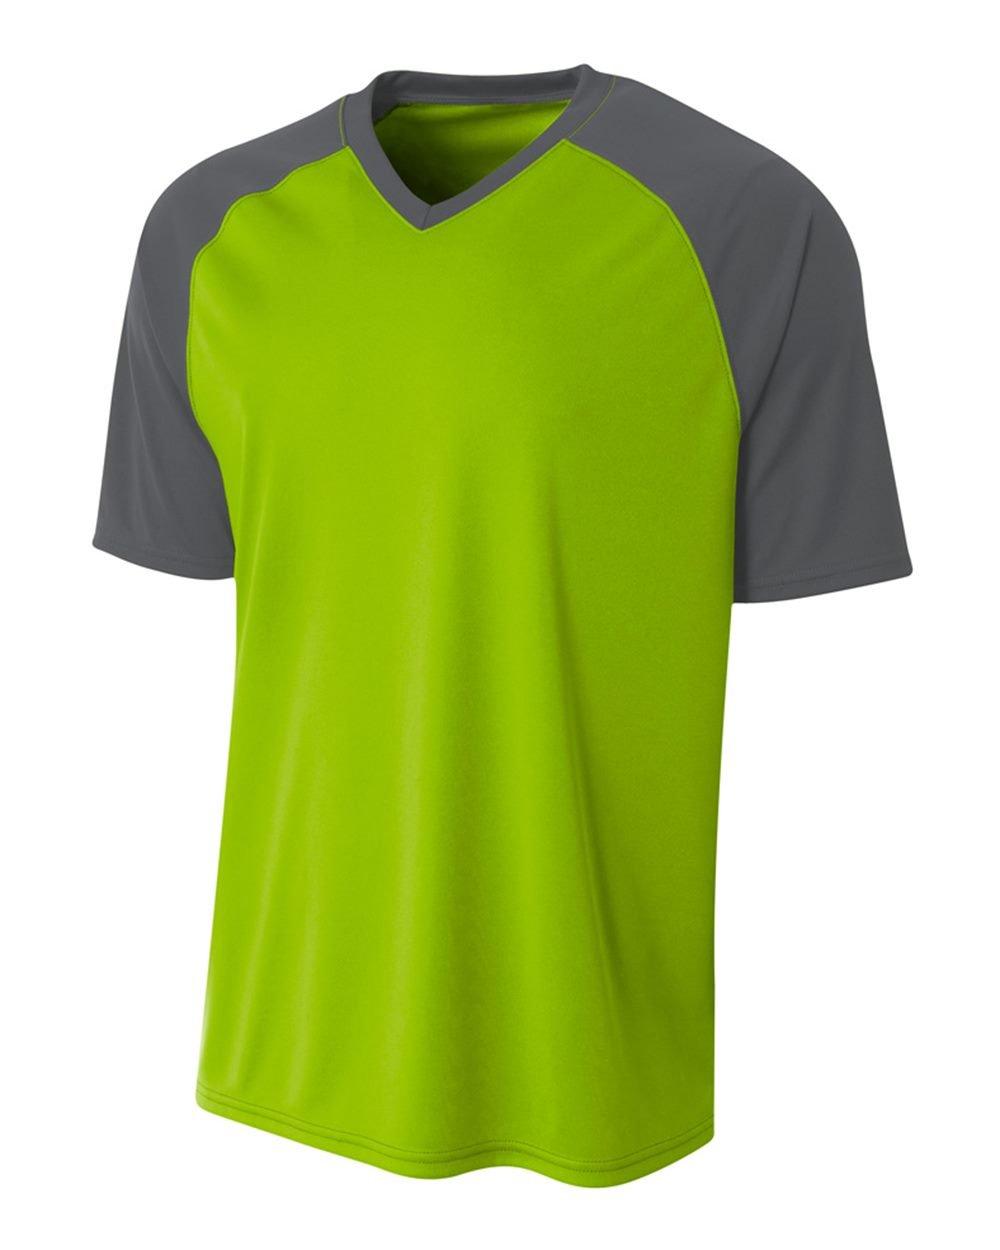 新しいカラーコンボAllシーズン快適スポーツジャージ(野球、ソフトボール、サッカー、ラクロス、Flag Football。。。14色Combosカスタムまたは空白でユース&大人サイズ) B01N9W77F9 Lime/Graphite (Blank) Adult XL Adult XL|Lime/Graphite (Blank)